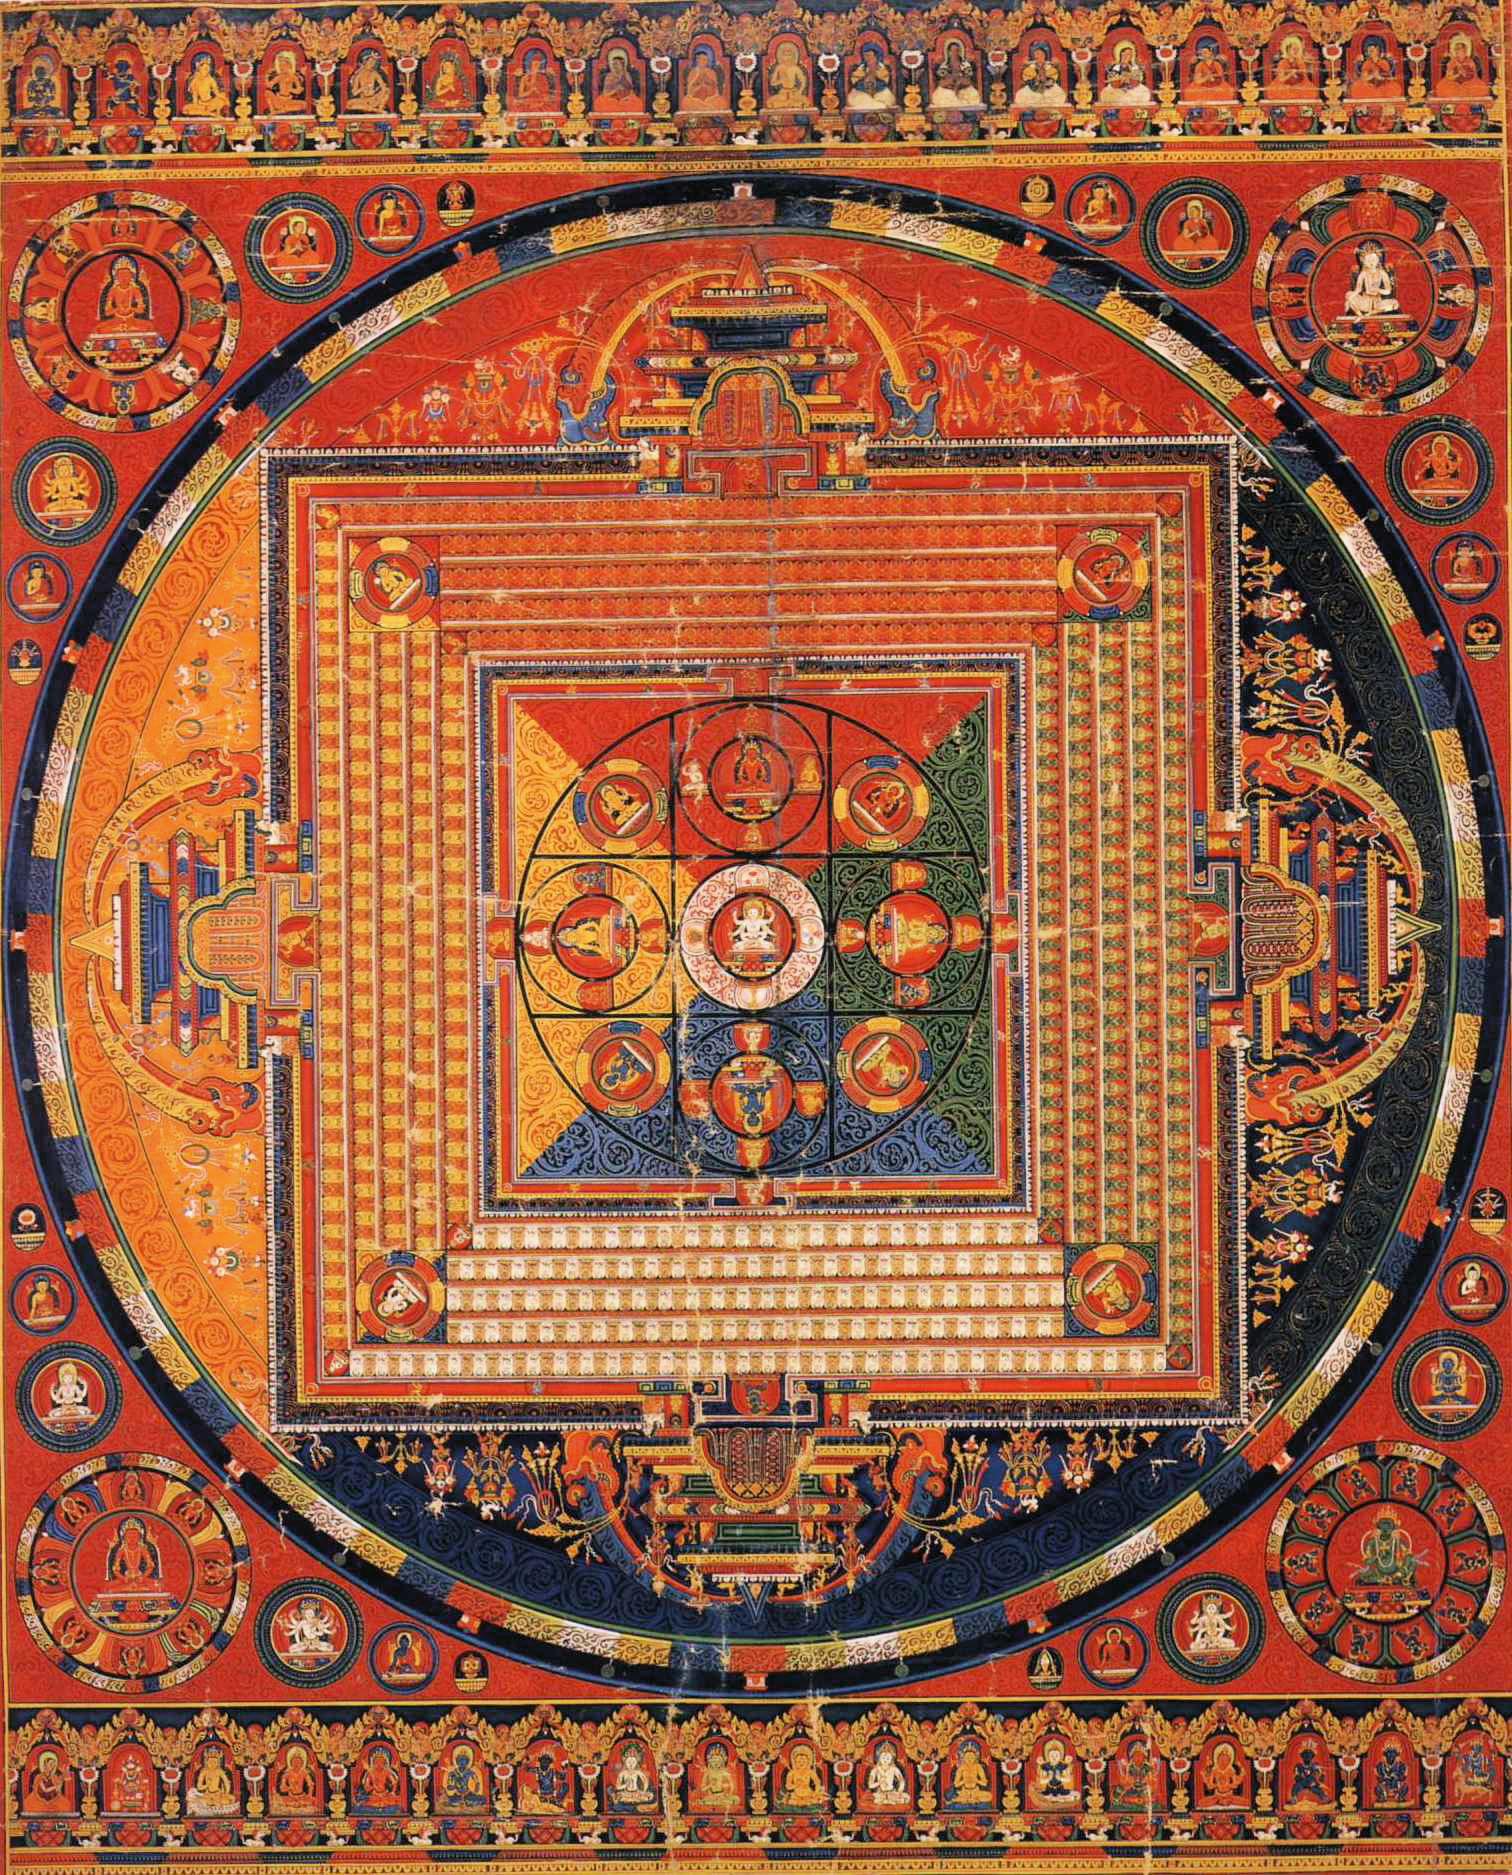 Mandala_of_Vajradhatu.JPG